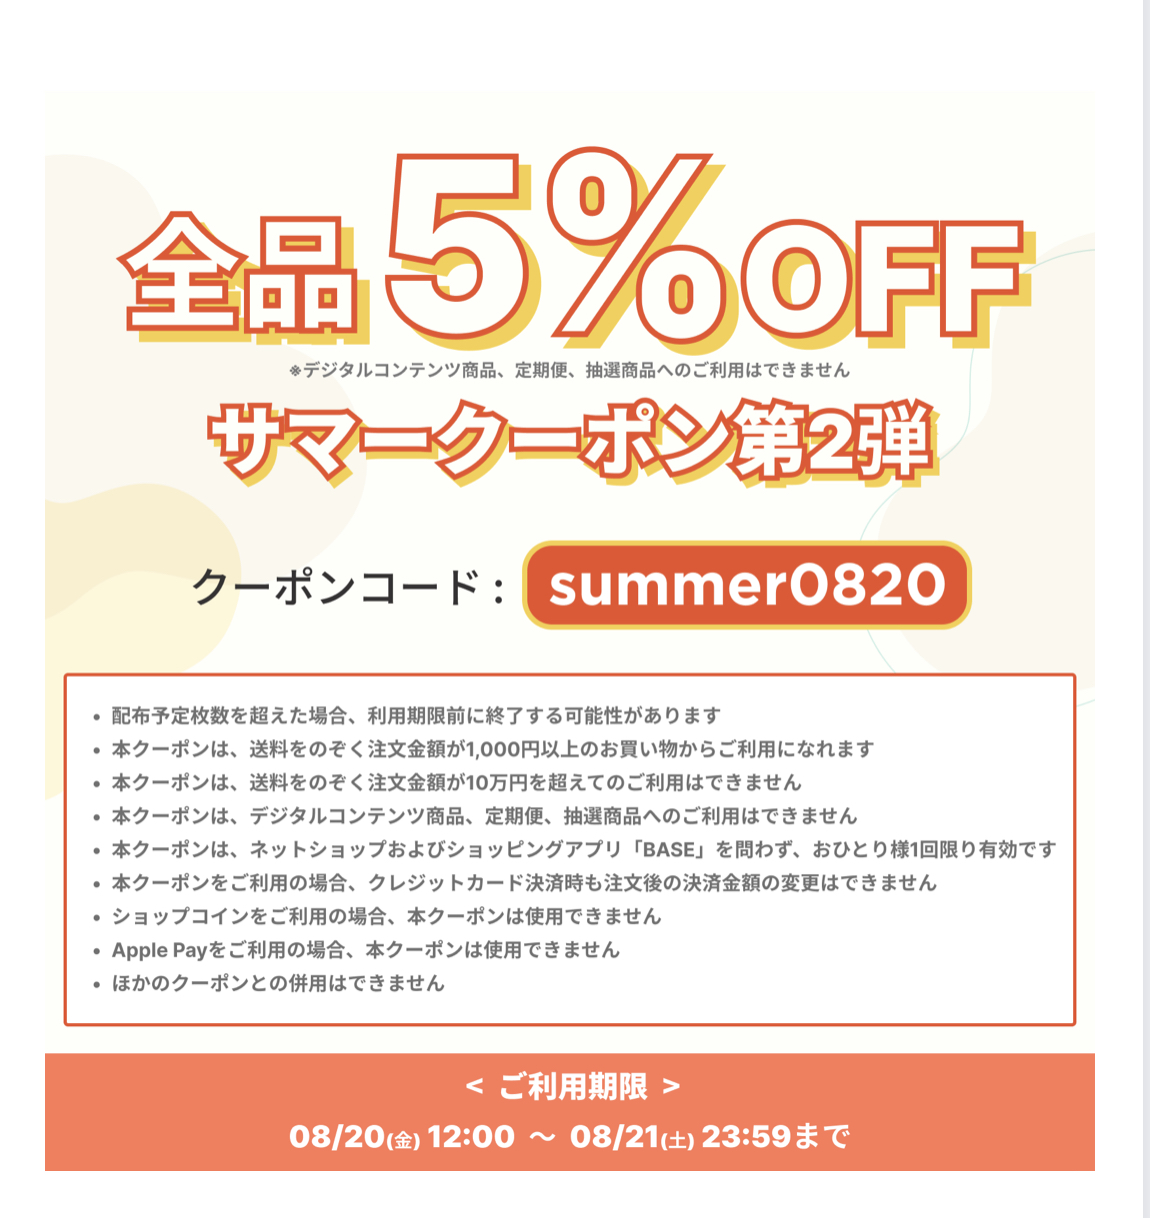 【8/20〜8/21期間限定】全品5%OFFクーポン第二弾!